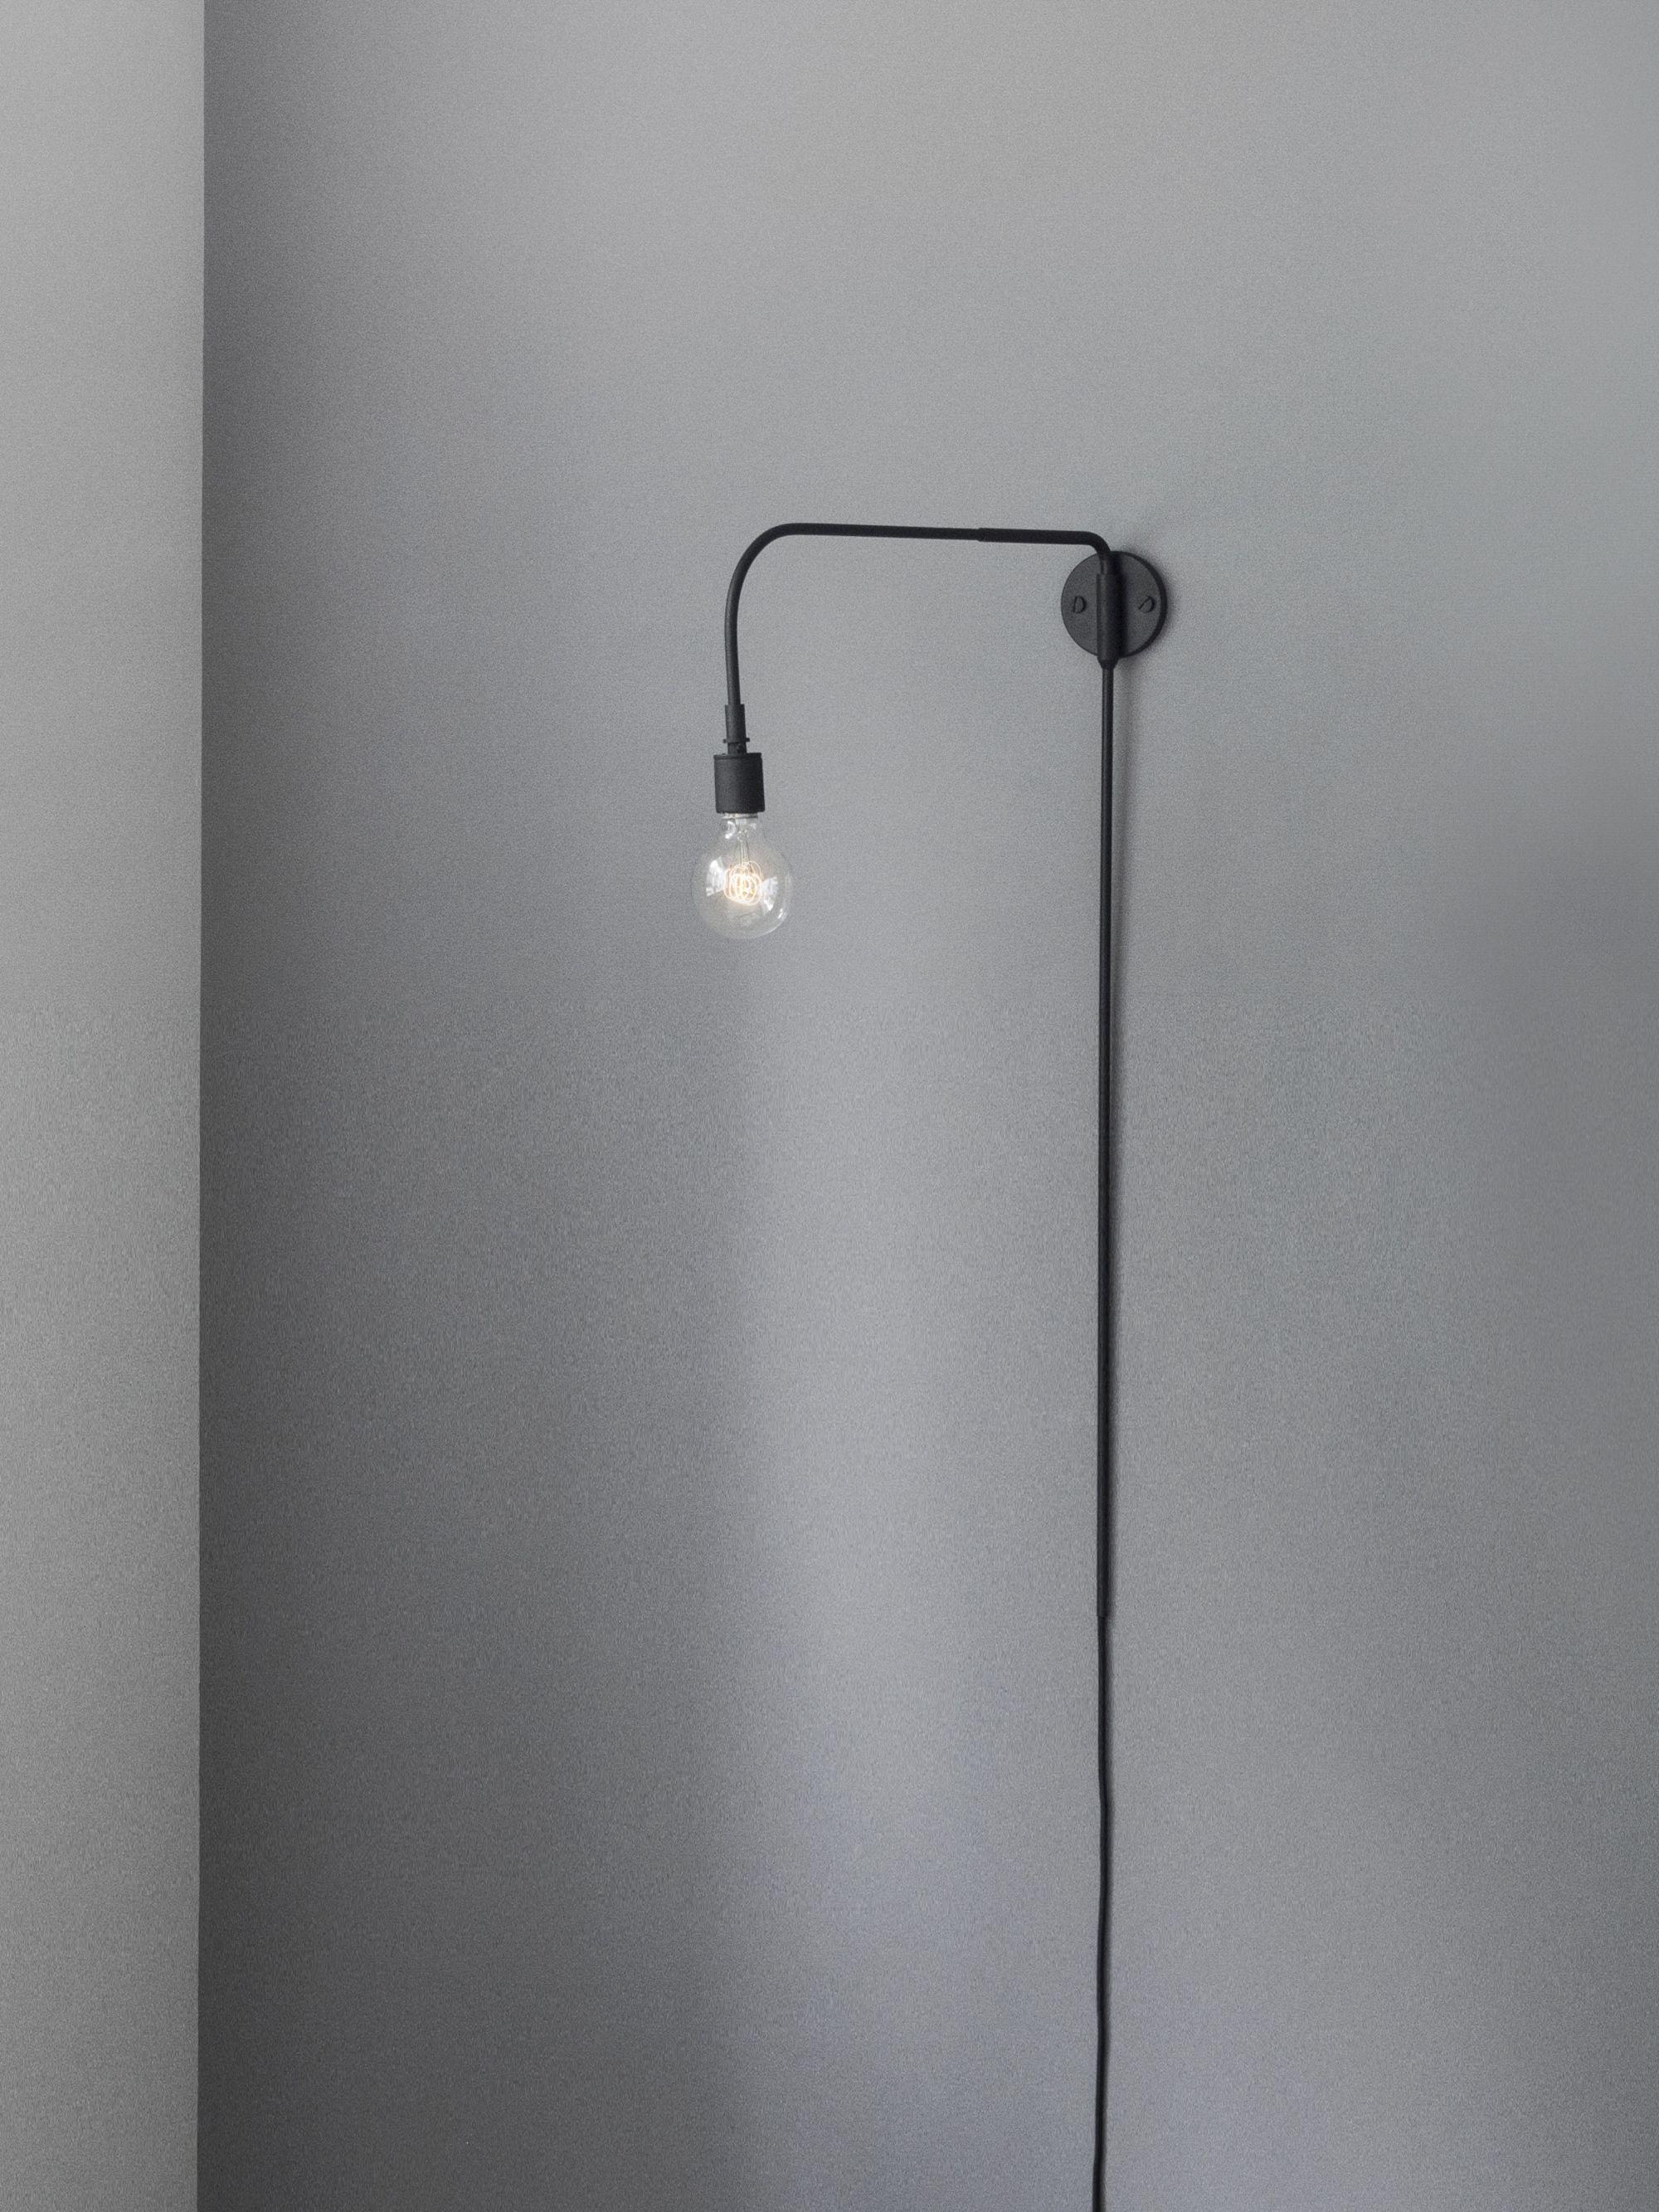 Warren vägglampa, design Søren Rose. Med inspiration från 30